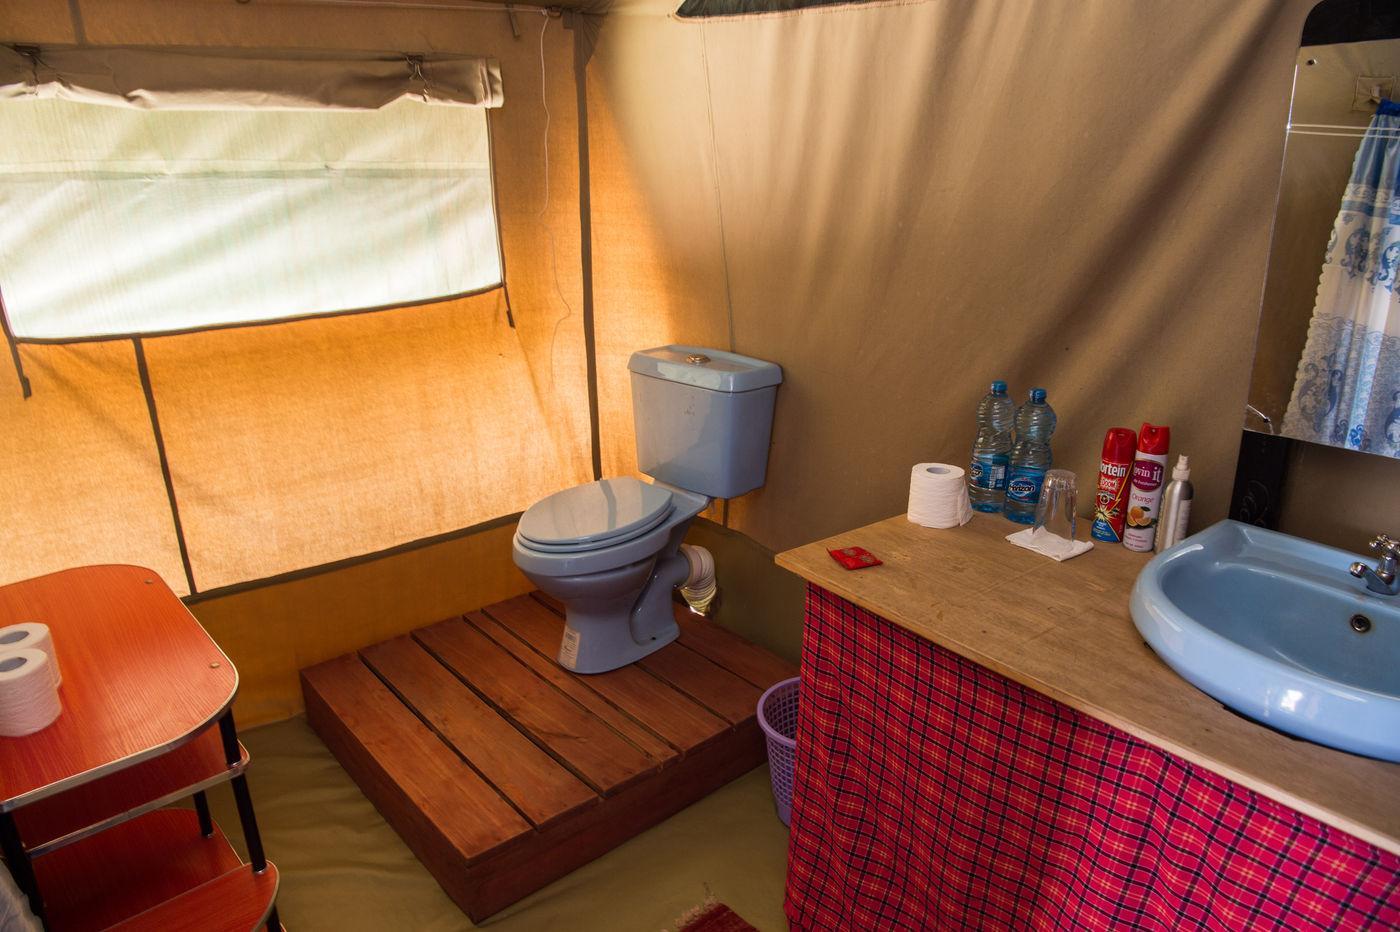 Het sanitair is verzorgd met stromend (warm) water, een toilet en een ruime douche. © Billy Herman